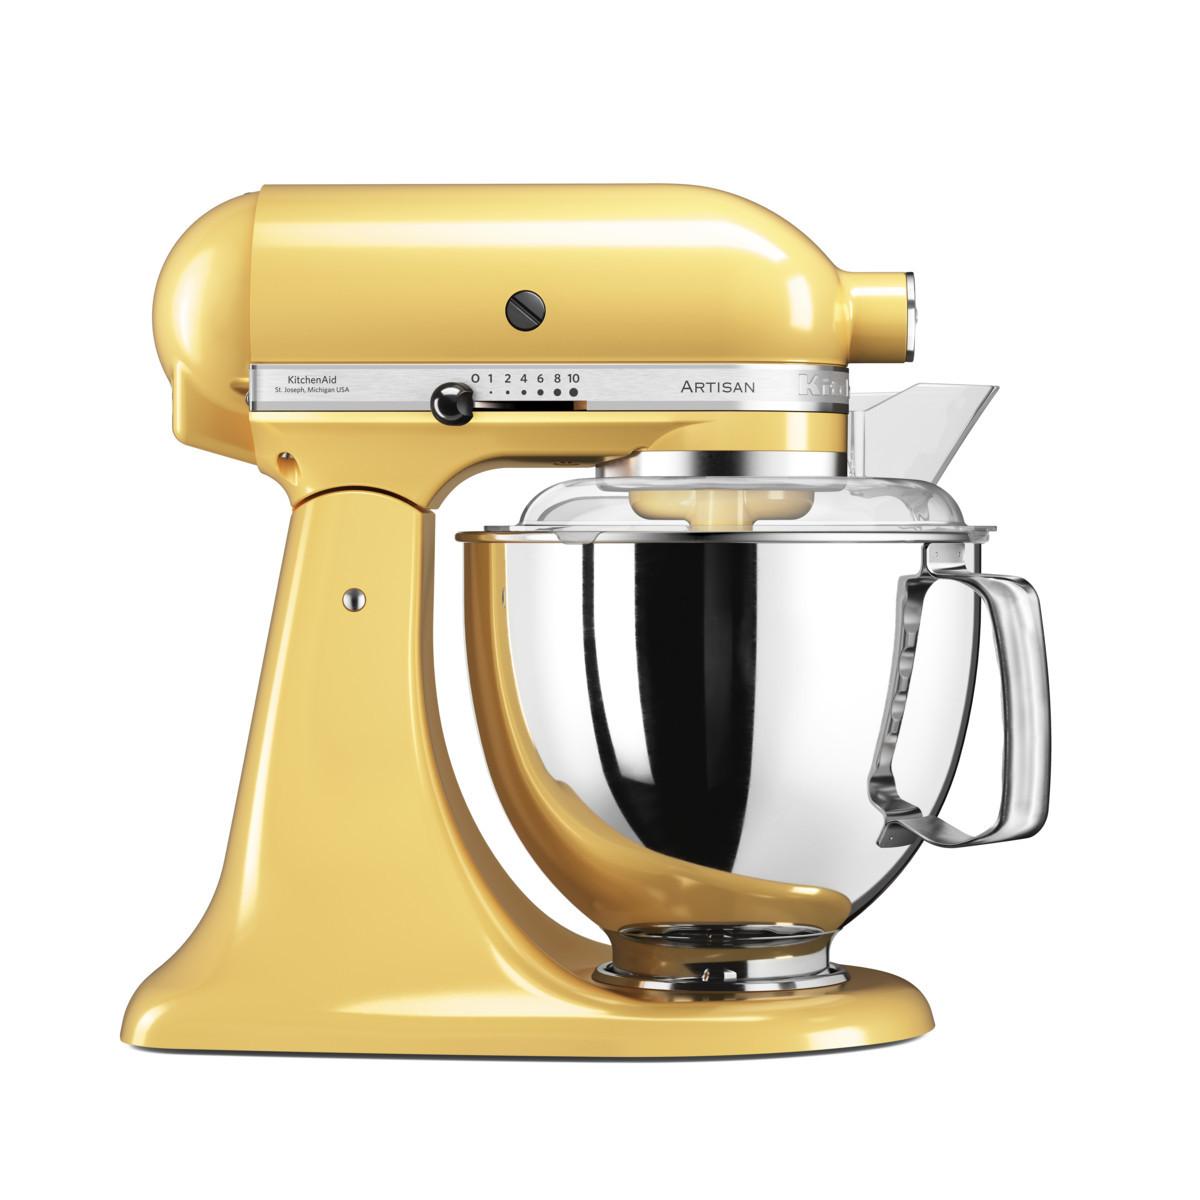 KitchenAid Artisan Küchenmaschine 4,8l pastellgelb